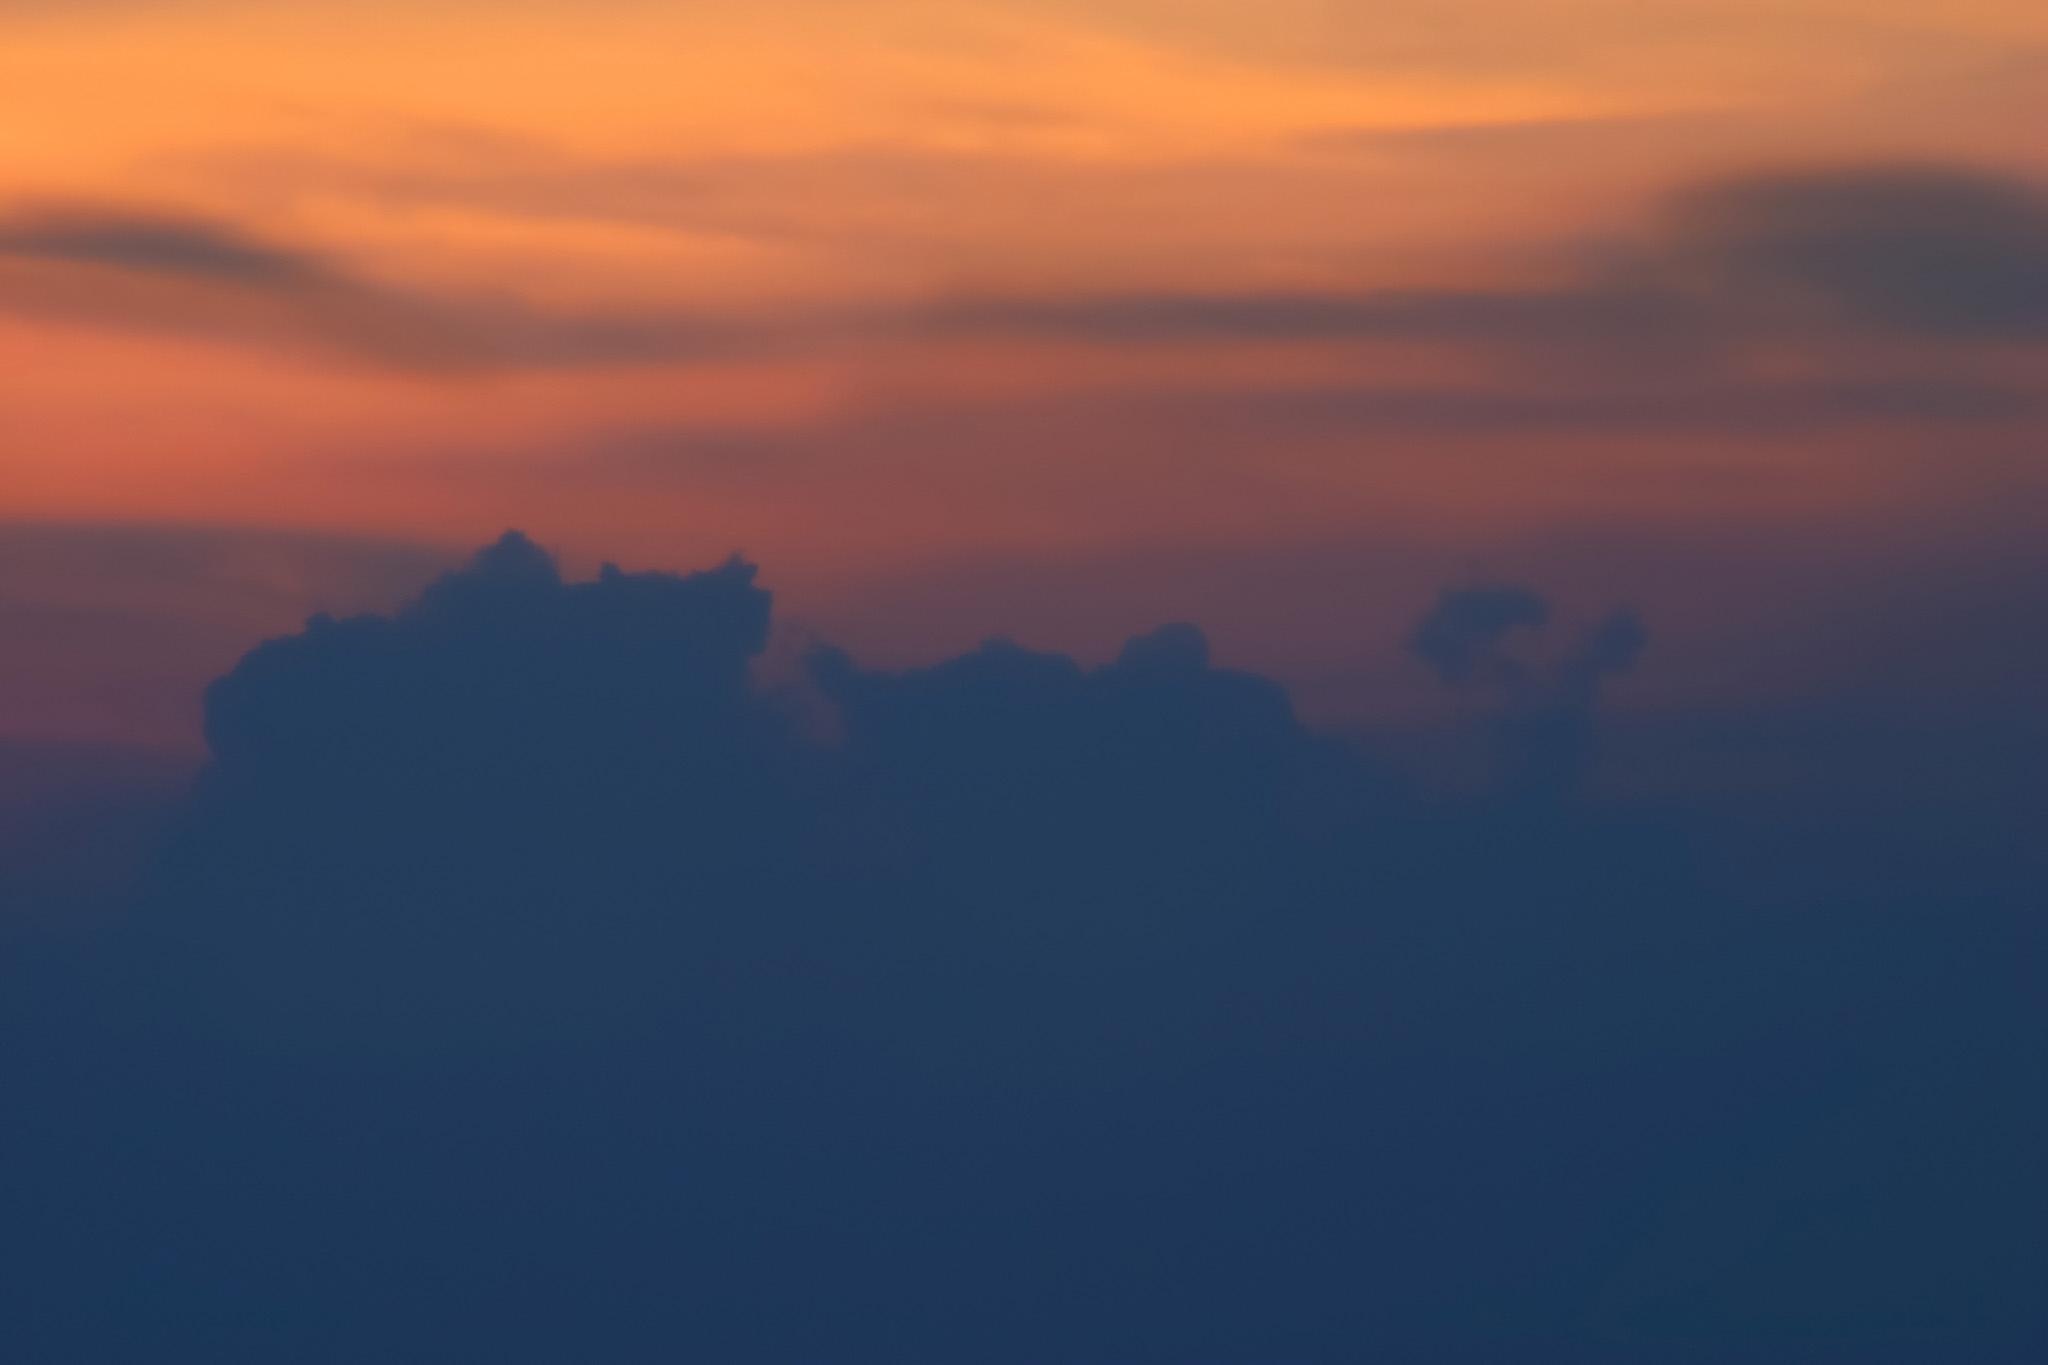 「墨色の雲とオレンジ色の夕焼け」